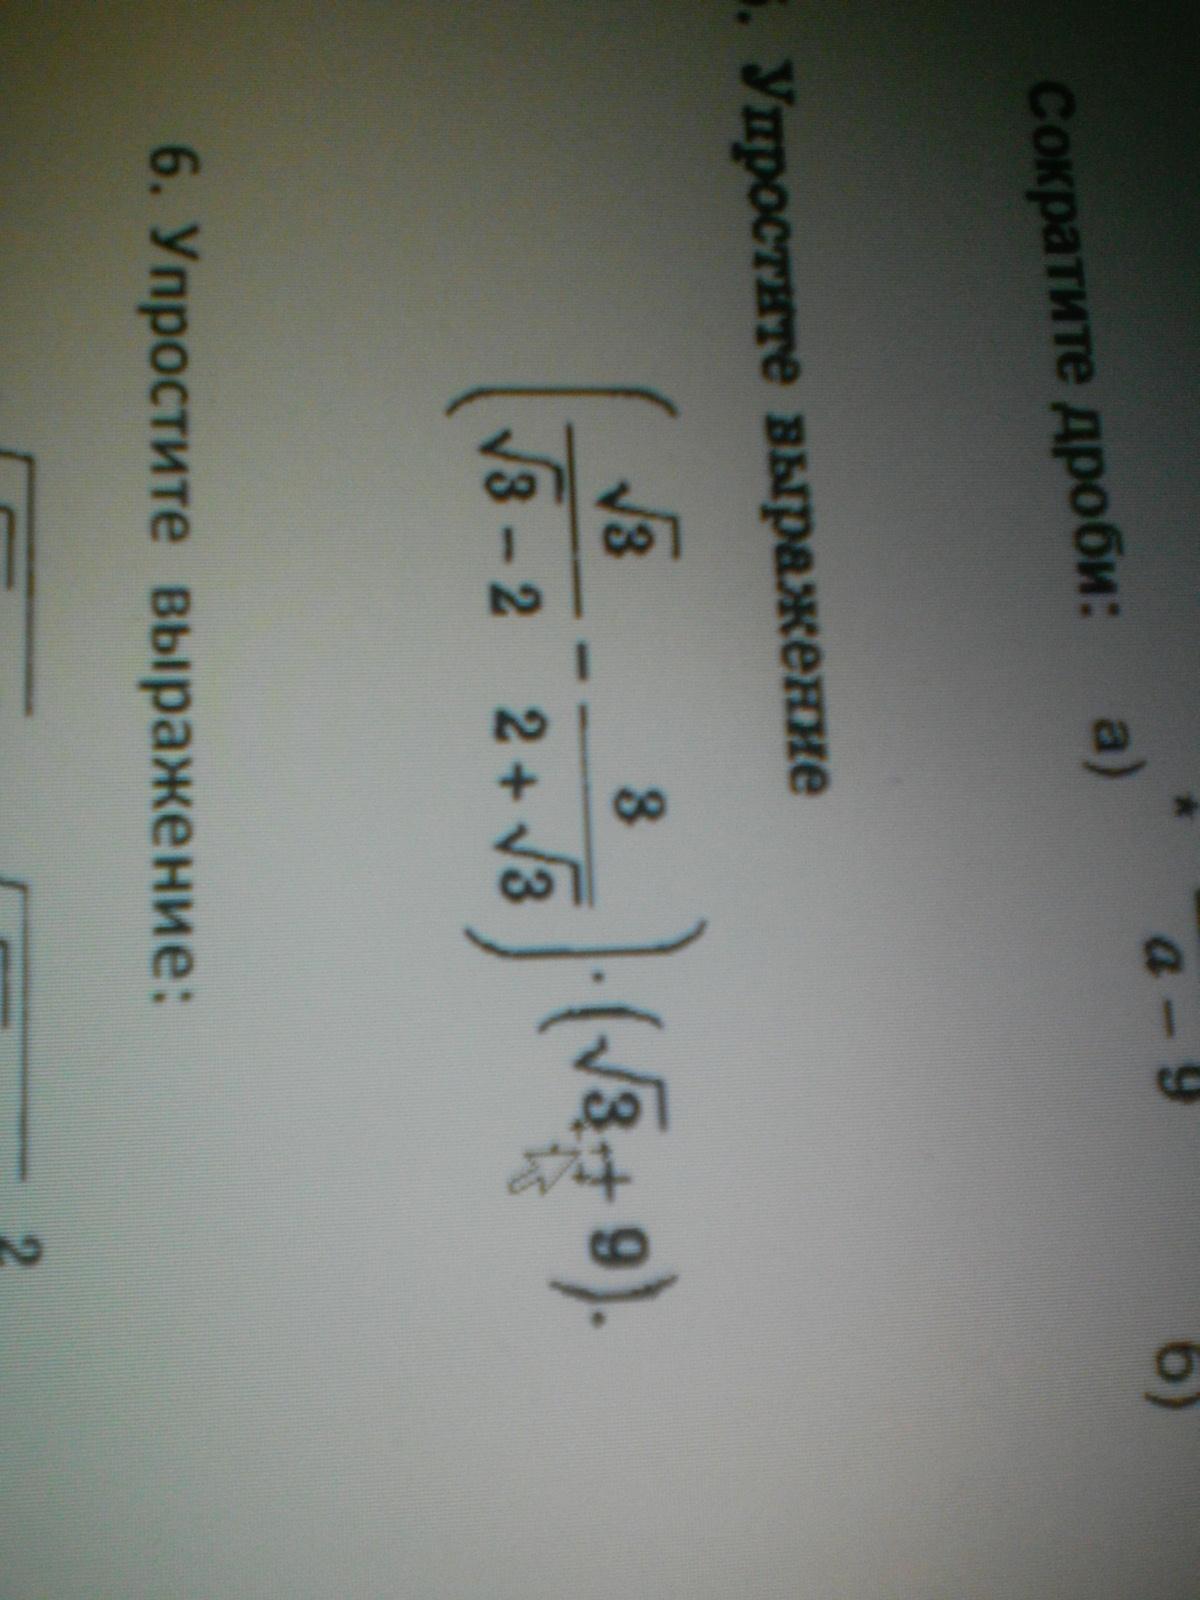 Как решить пример под номером 5?